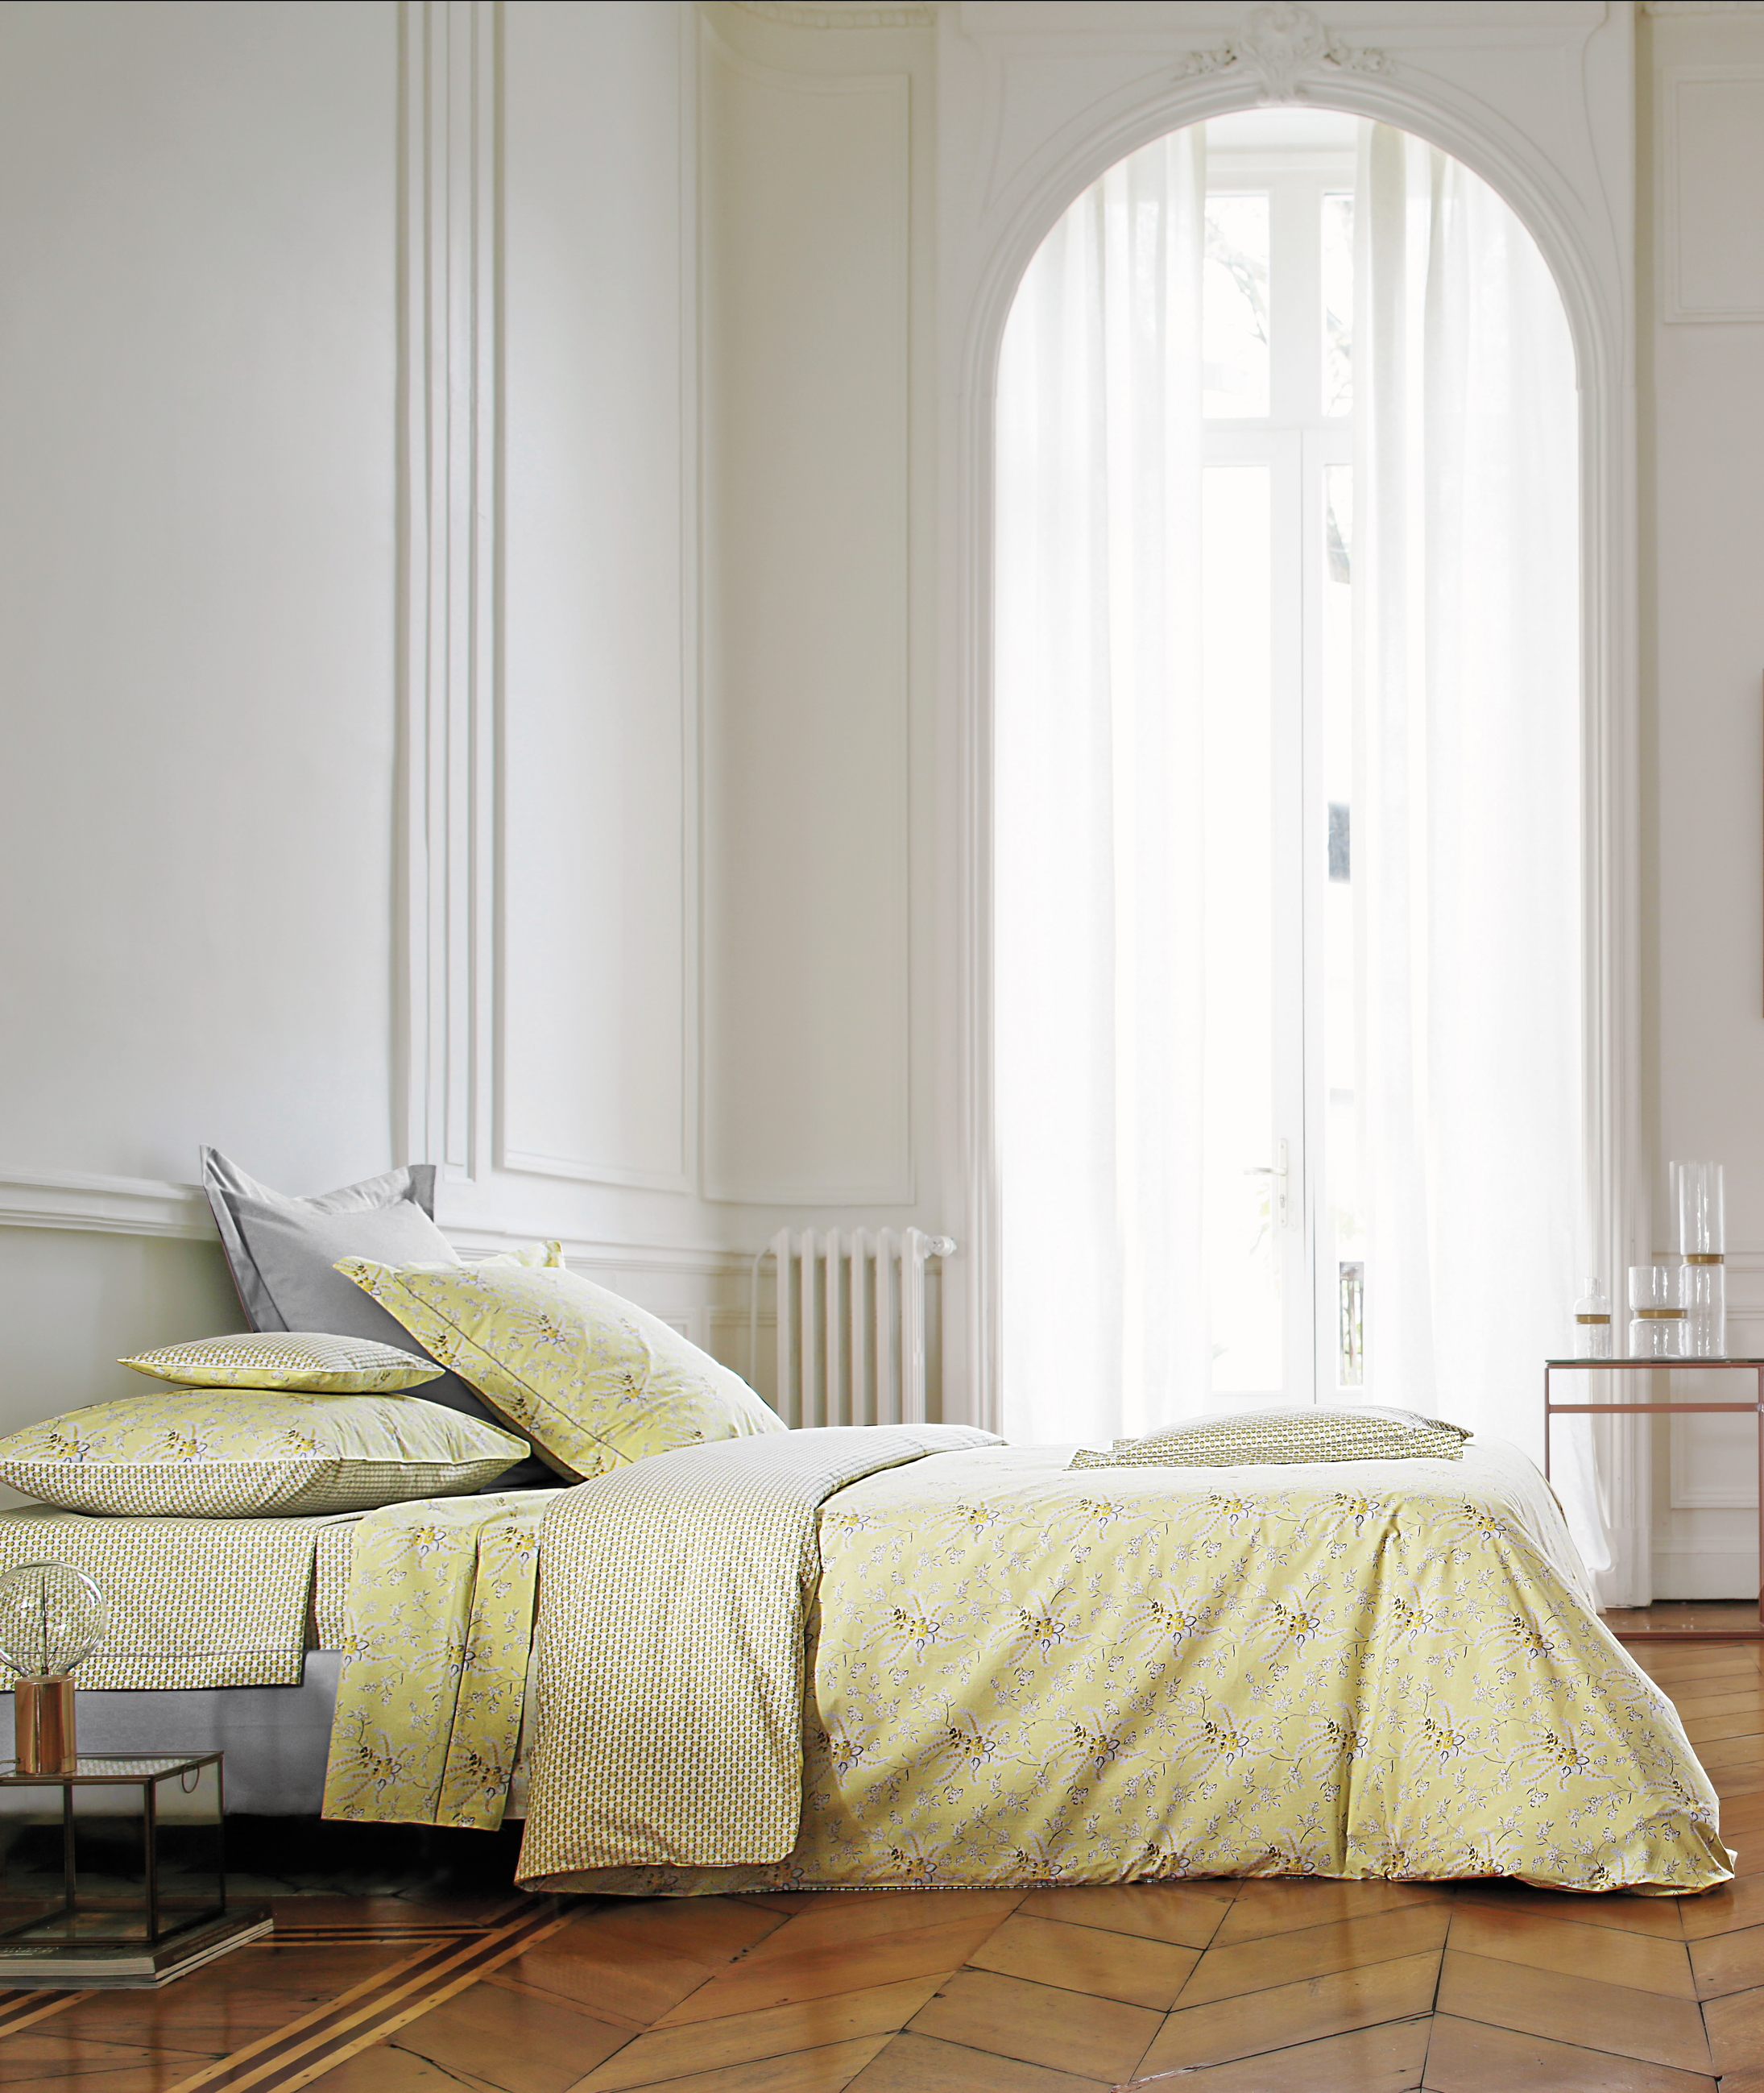 housse de couette blanc des vosges fabulous dans les des vosges with housse de couette blanc. Black Bedroom Furniture Sets. Home Design Ideas